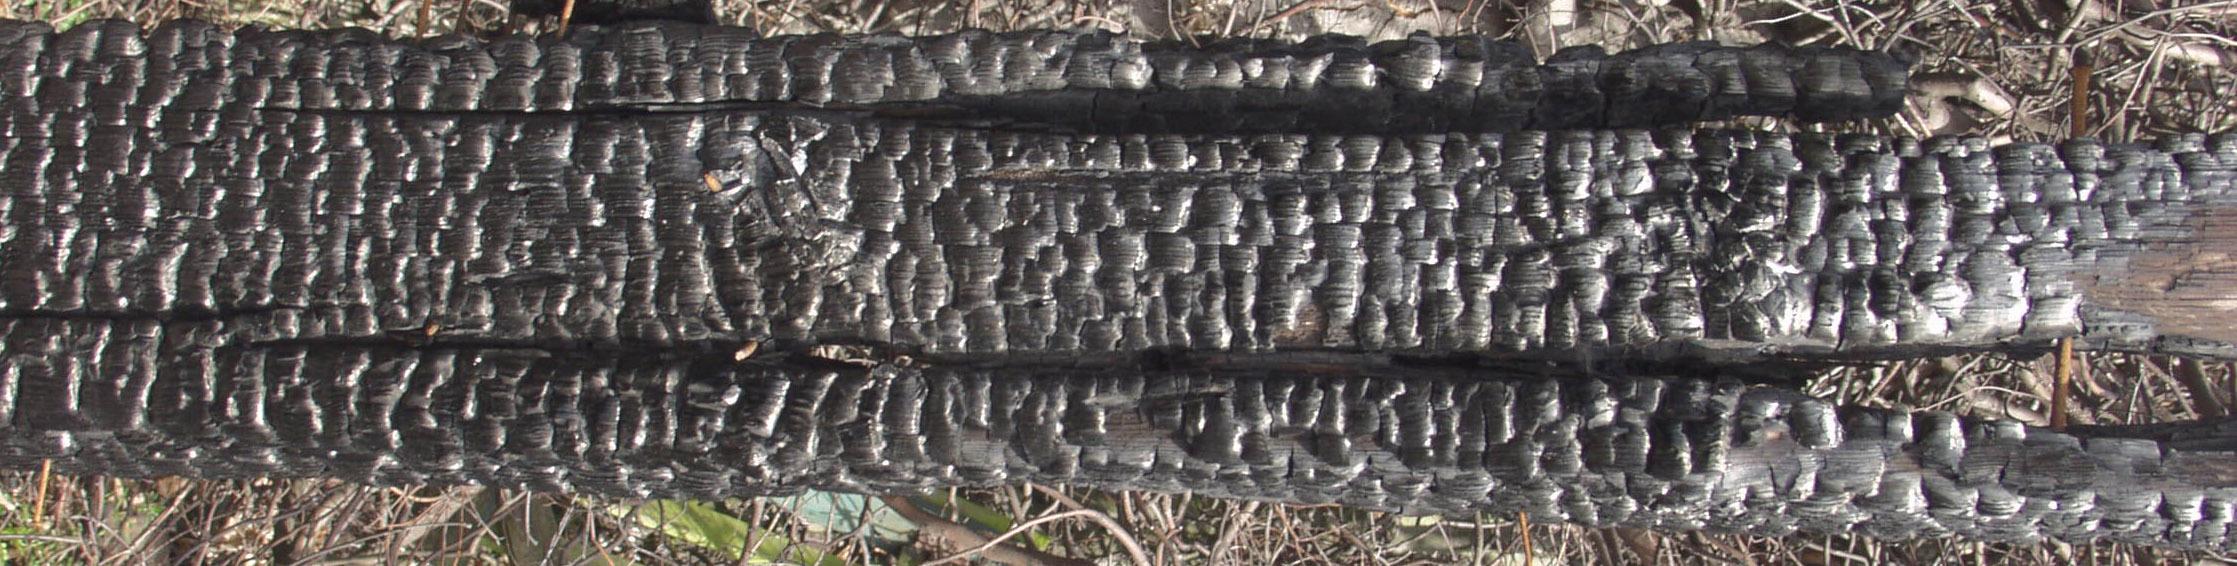 木材-燃烧过的-木梁(4)高清贴图【ID:836582247】